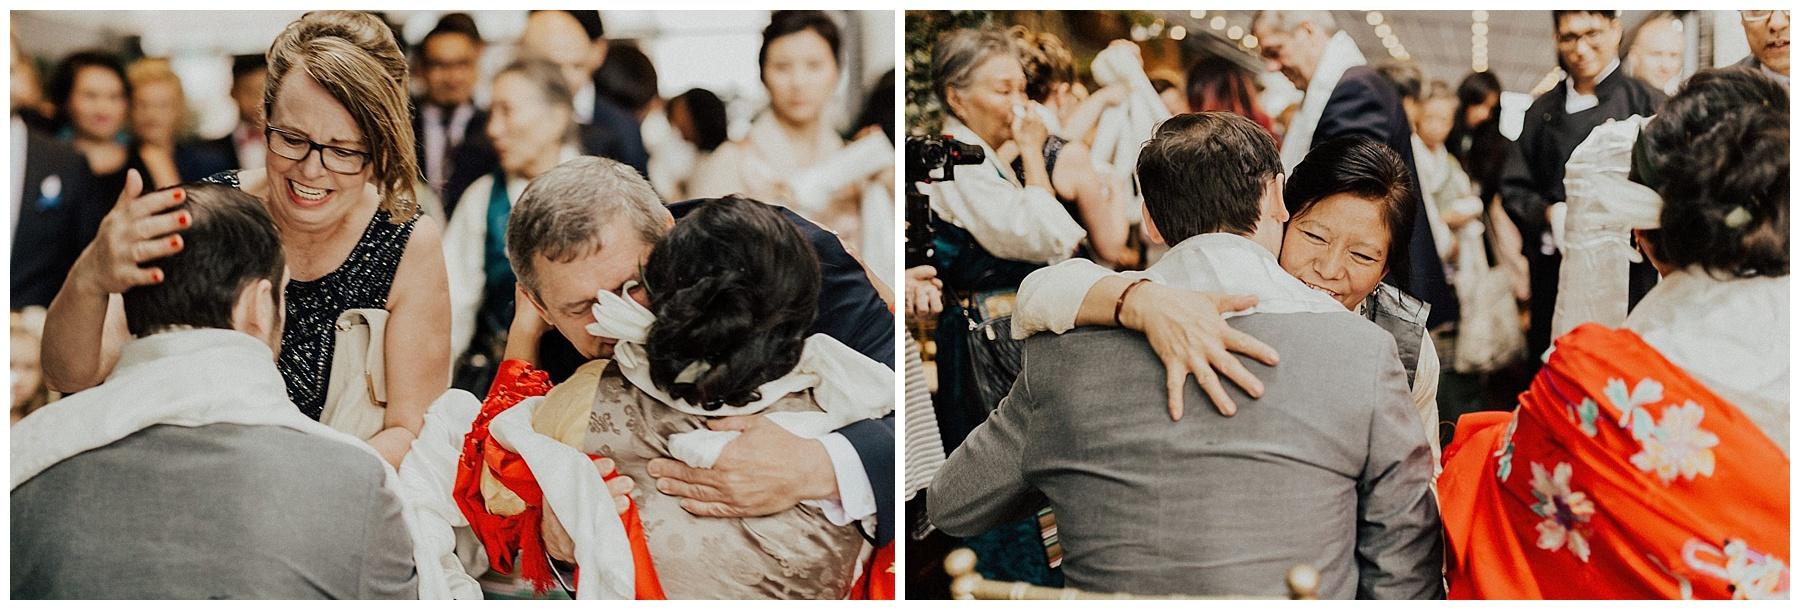 New York City Wedding New York City Wedding Photographer-118.jpg